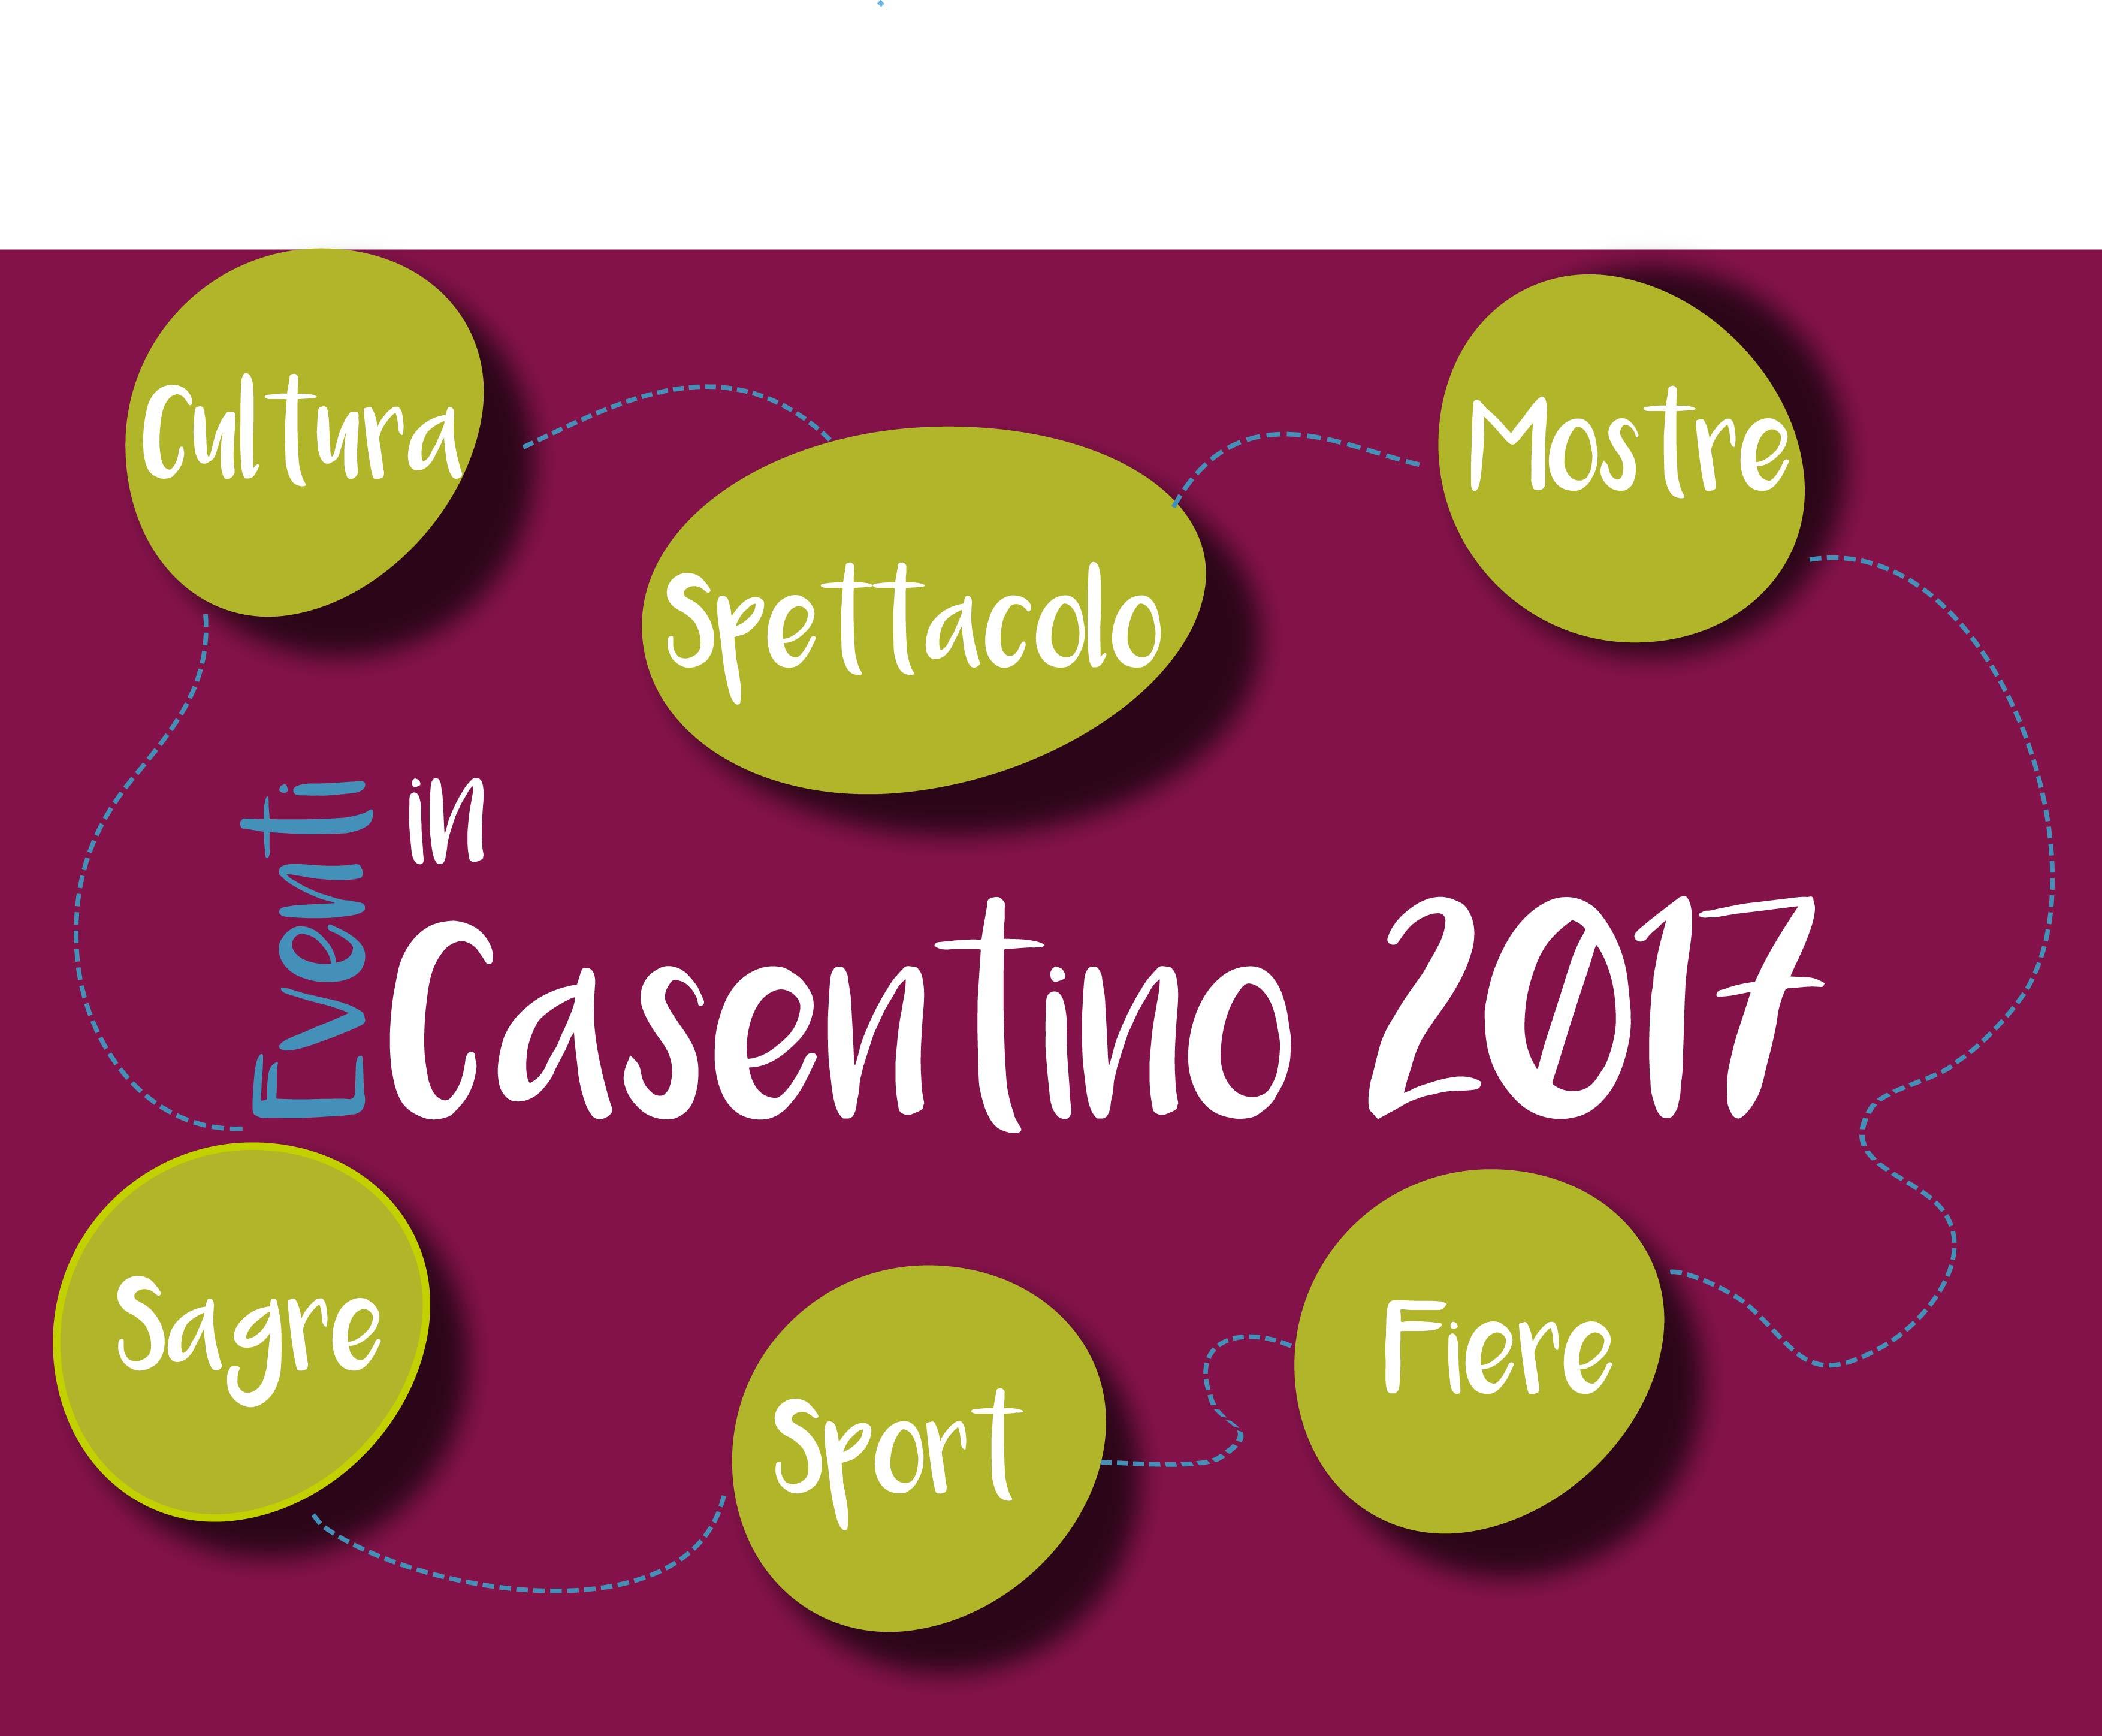 Fiera Erba Calendario.Calendario Eventi In Casentino B B Vista Casentino